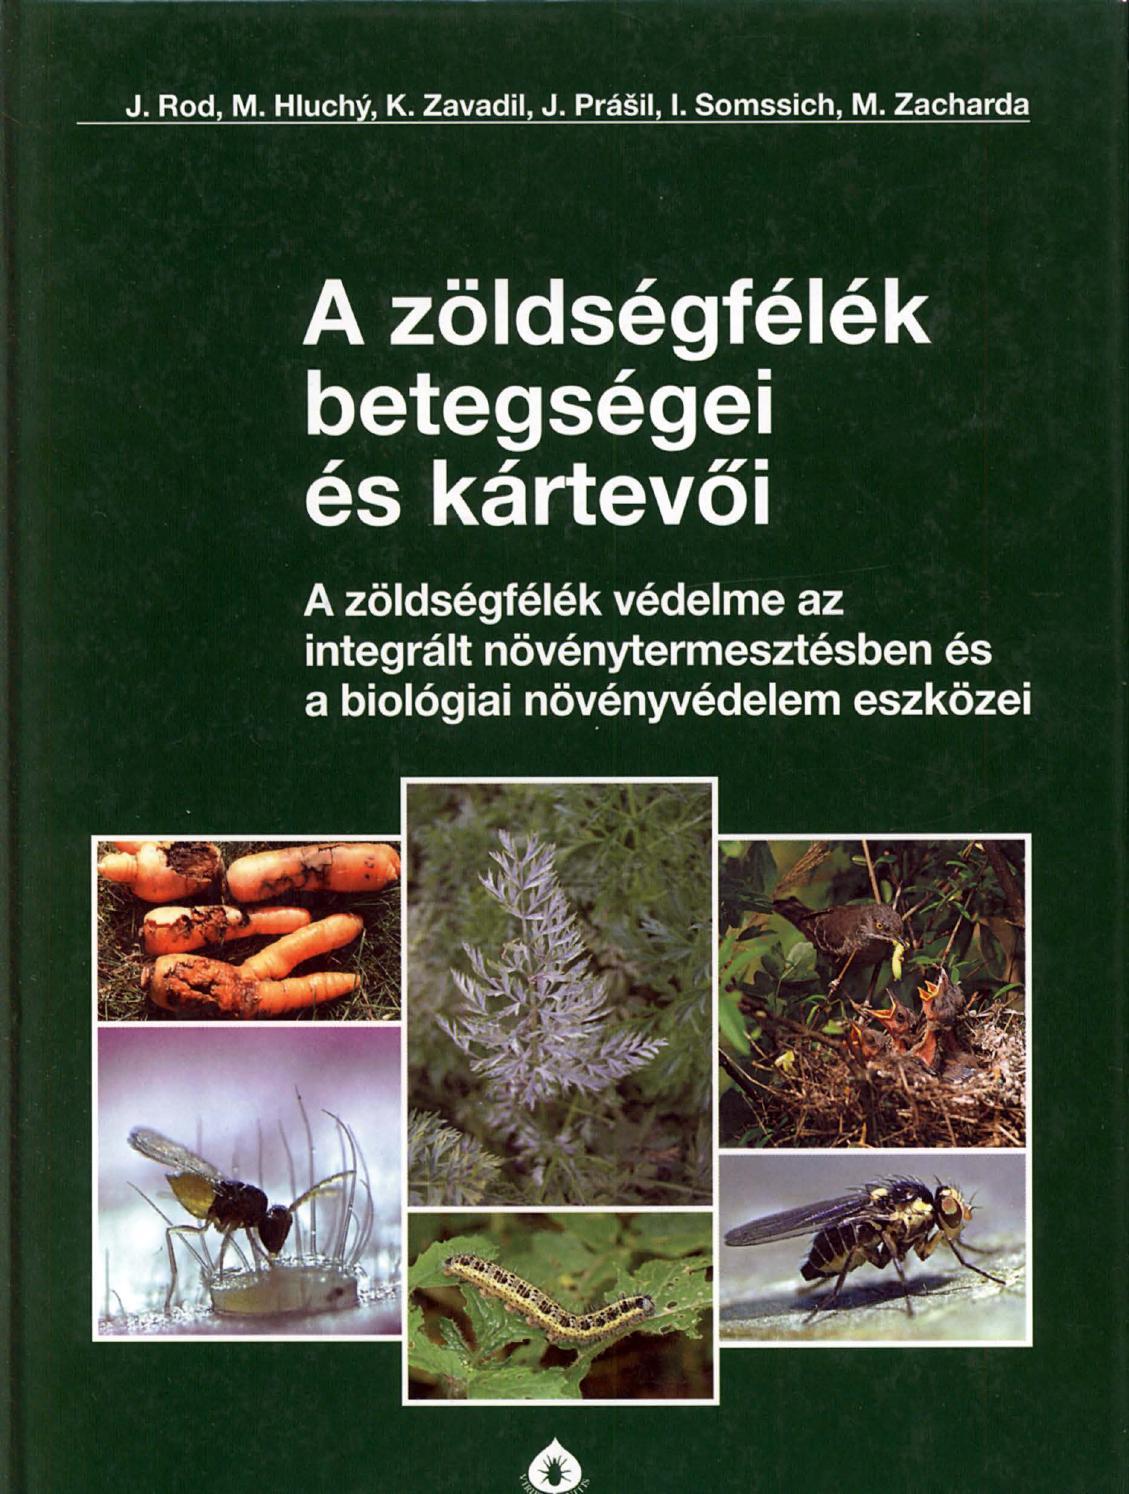 gyógynövény a férgekből származó rókagombával szemben